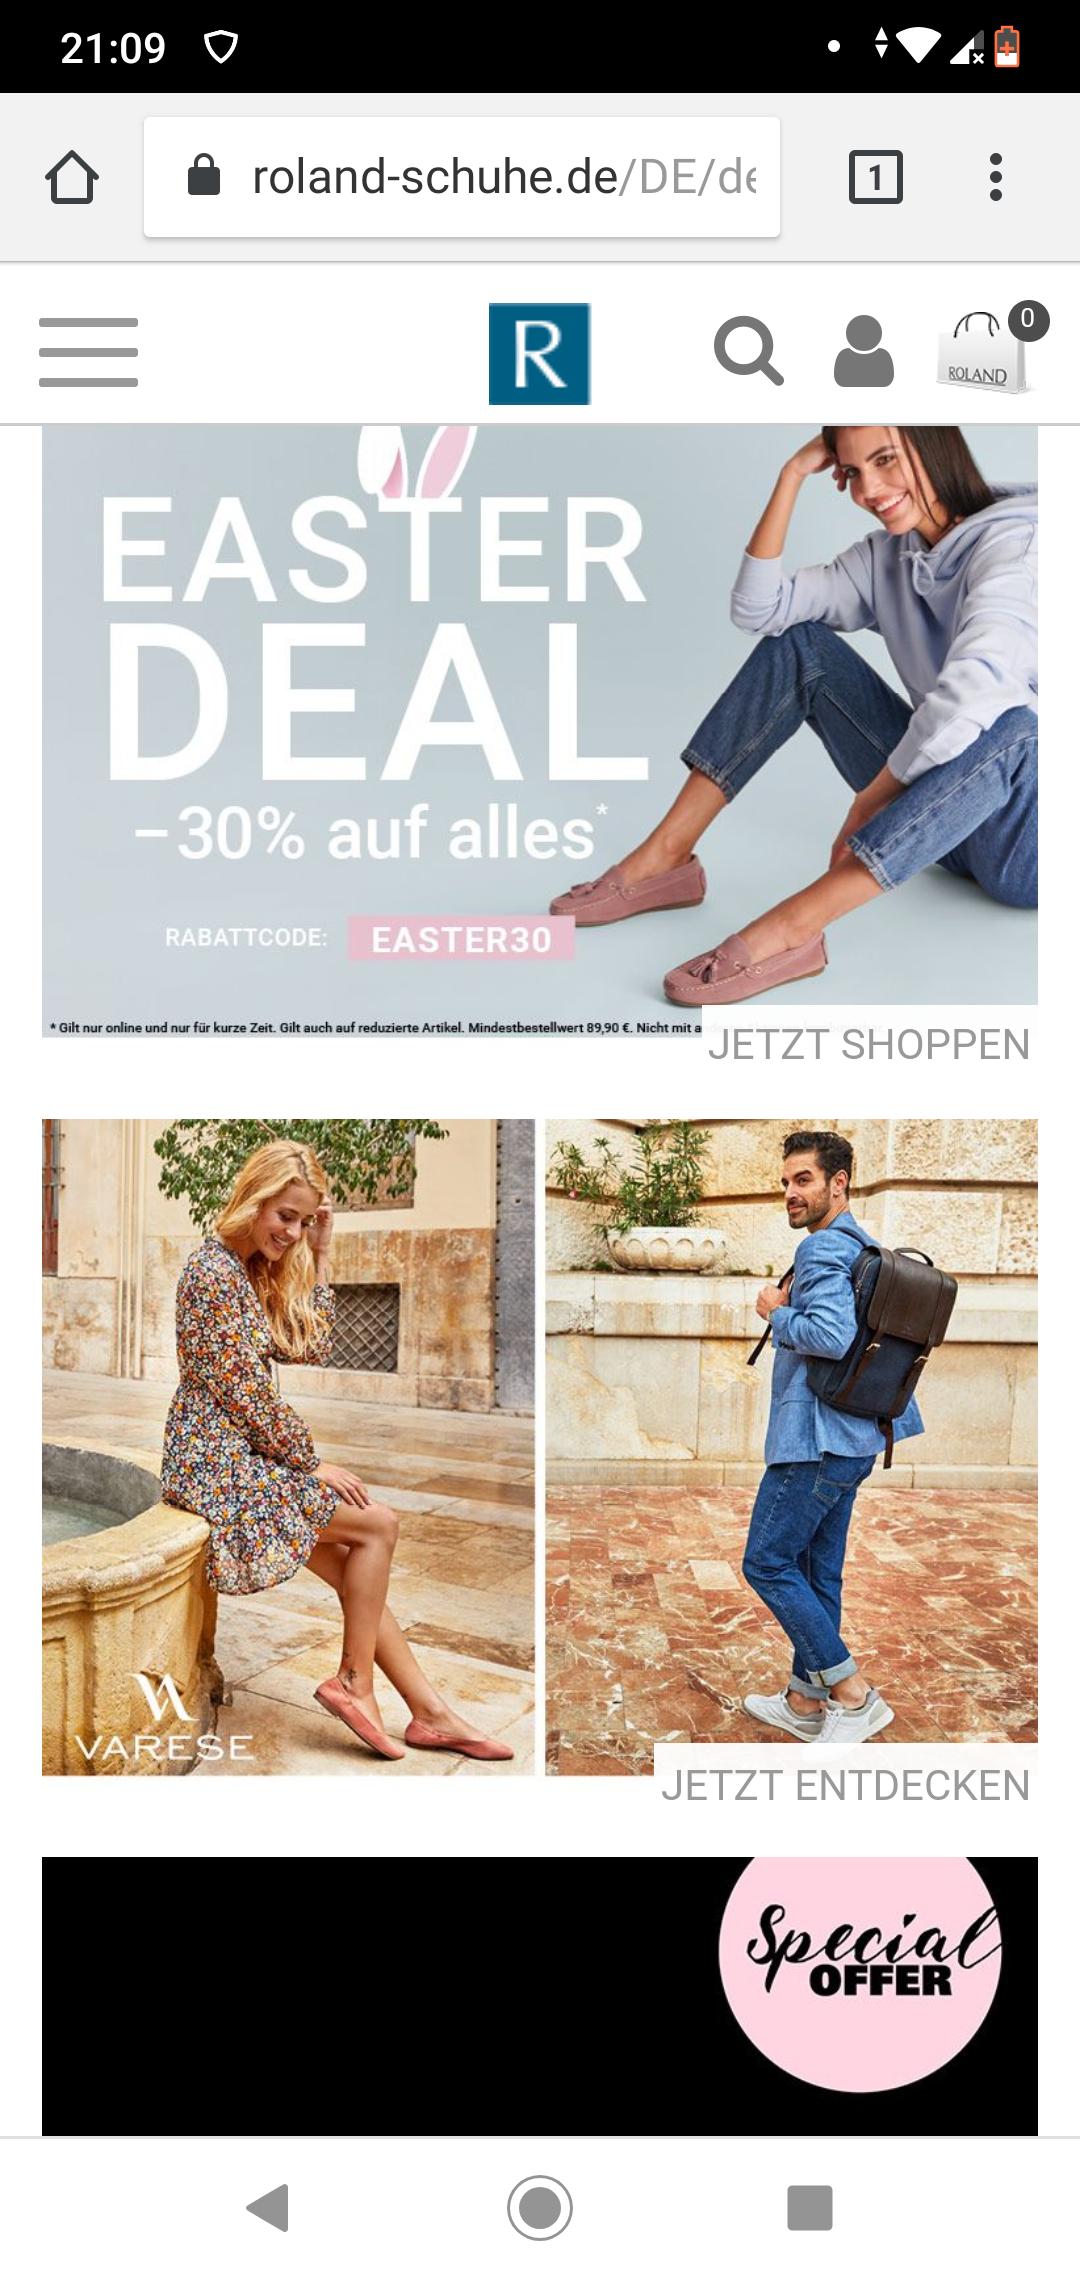 Roland-Schuhe: 30% Extra-Rabatt auch auf alles im Sale (MBW 89,90€) - Clarks, JOOP! uvm...